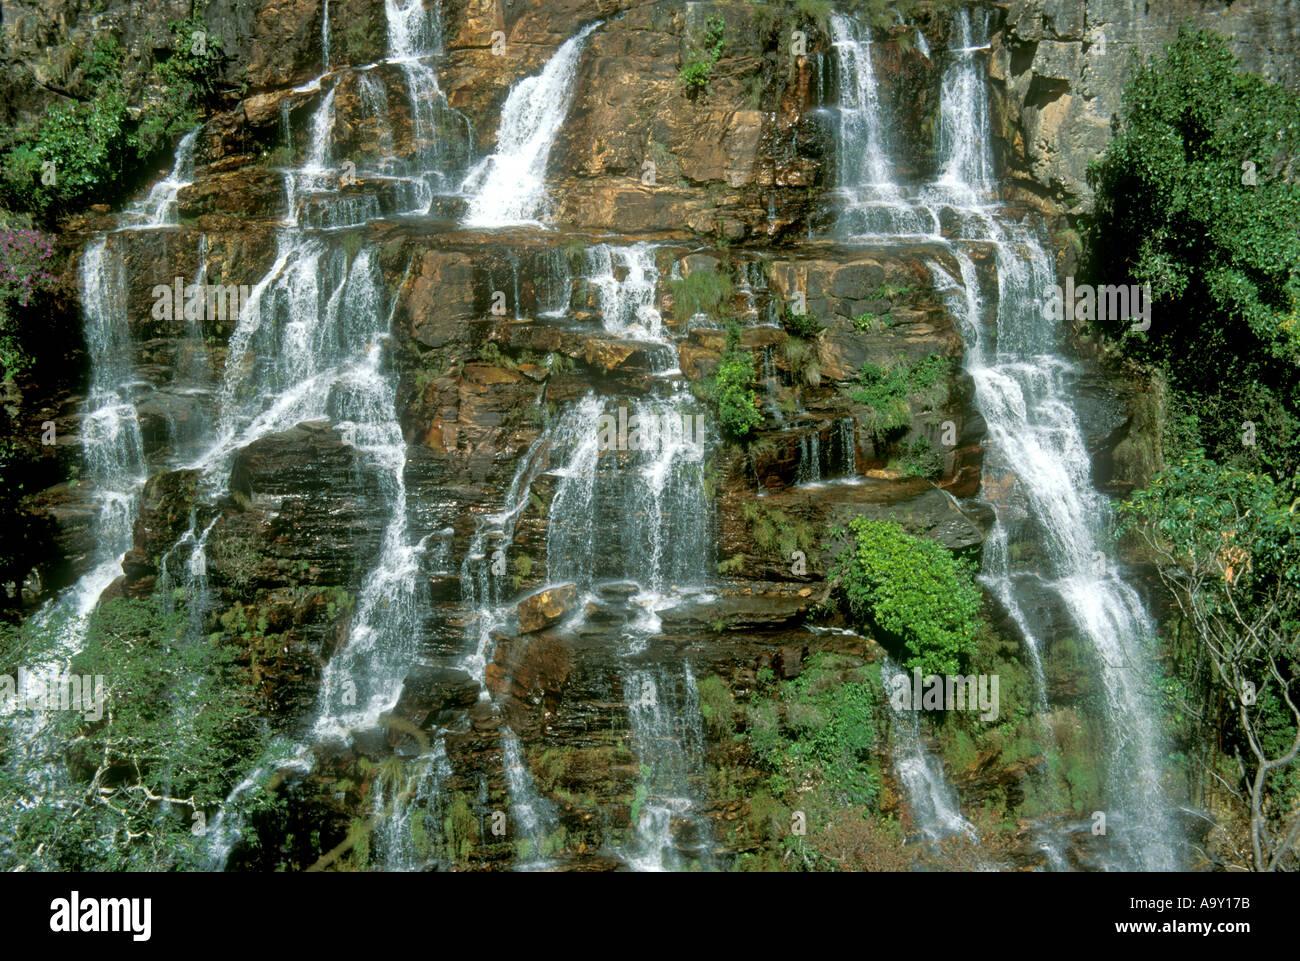 Waterfall Almecegas 1 Chapada dos Veadeiros Goias Brazil - Stock Image